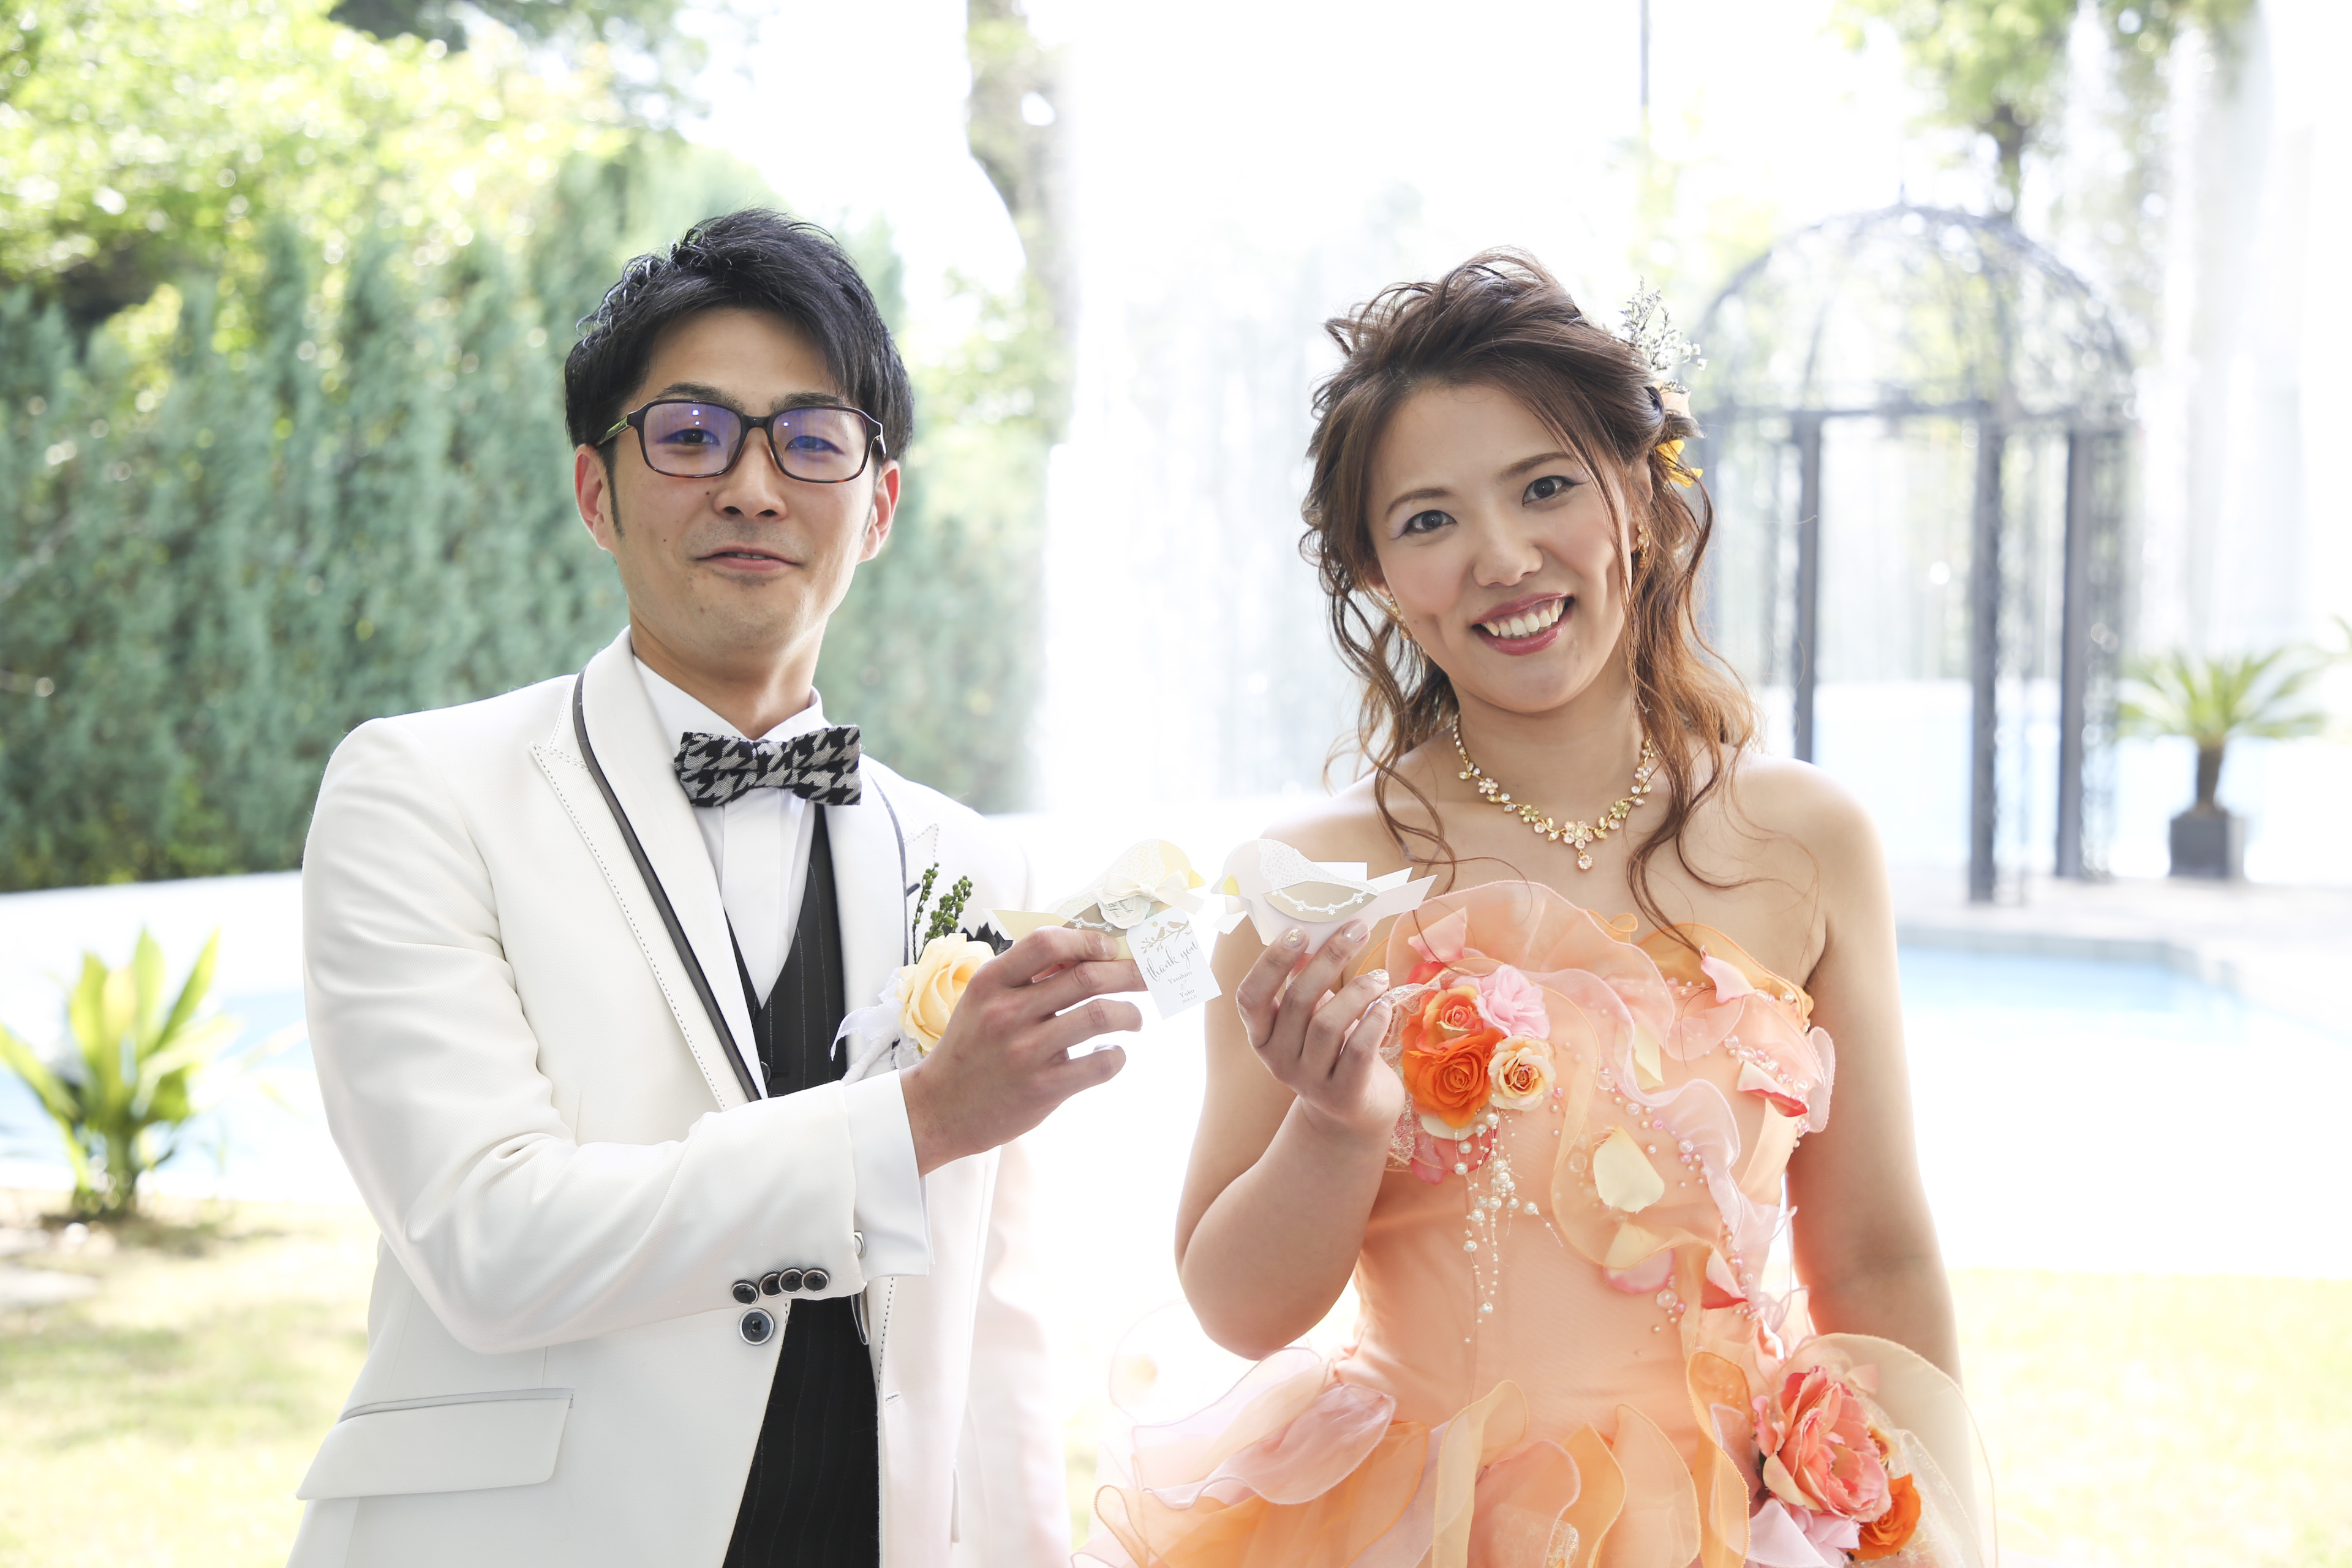 笑顔&幸せ溢れる結婚式